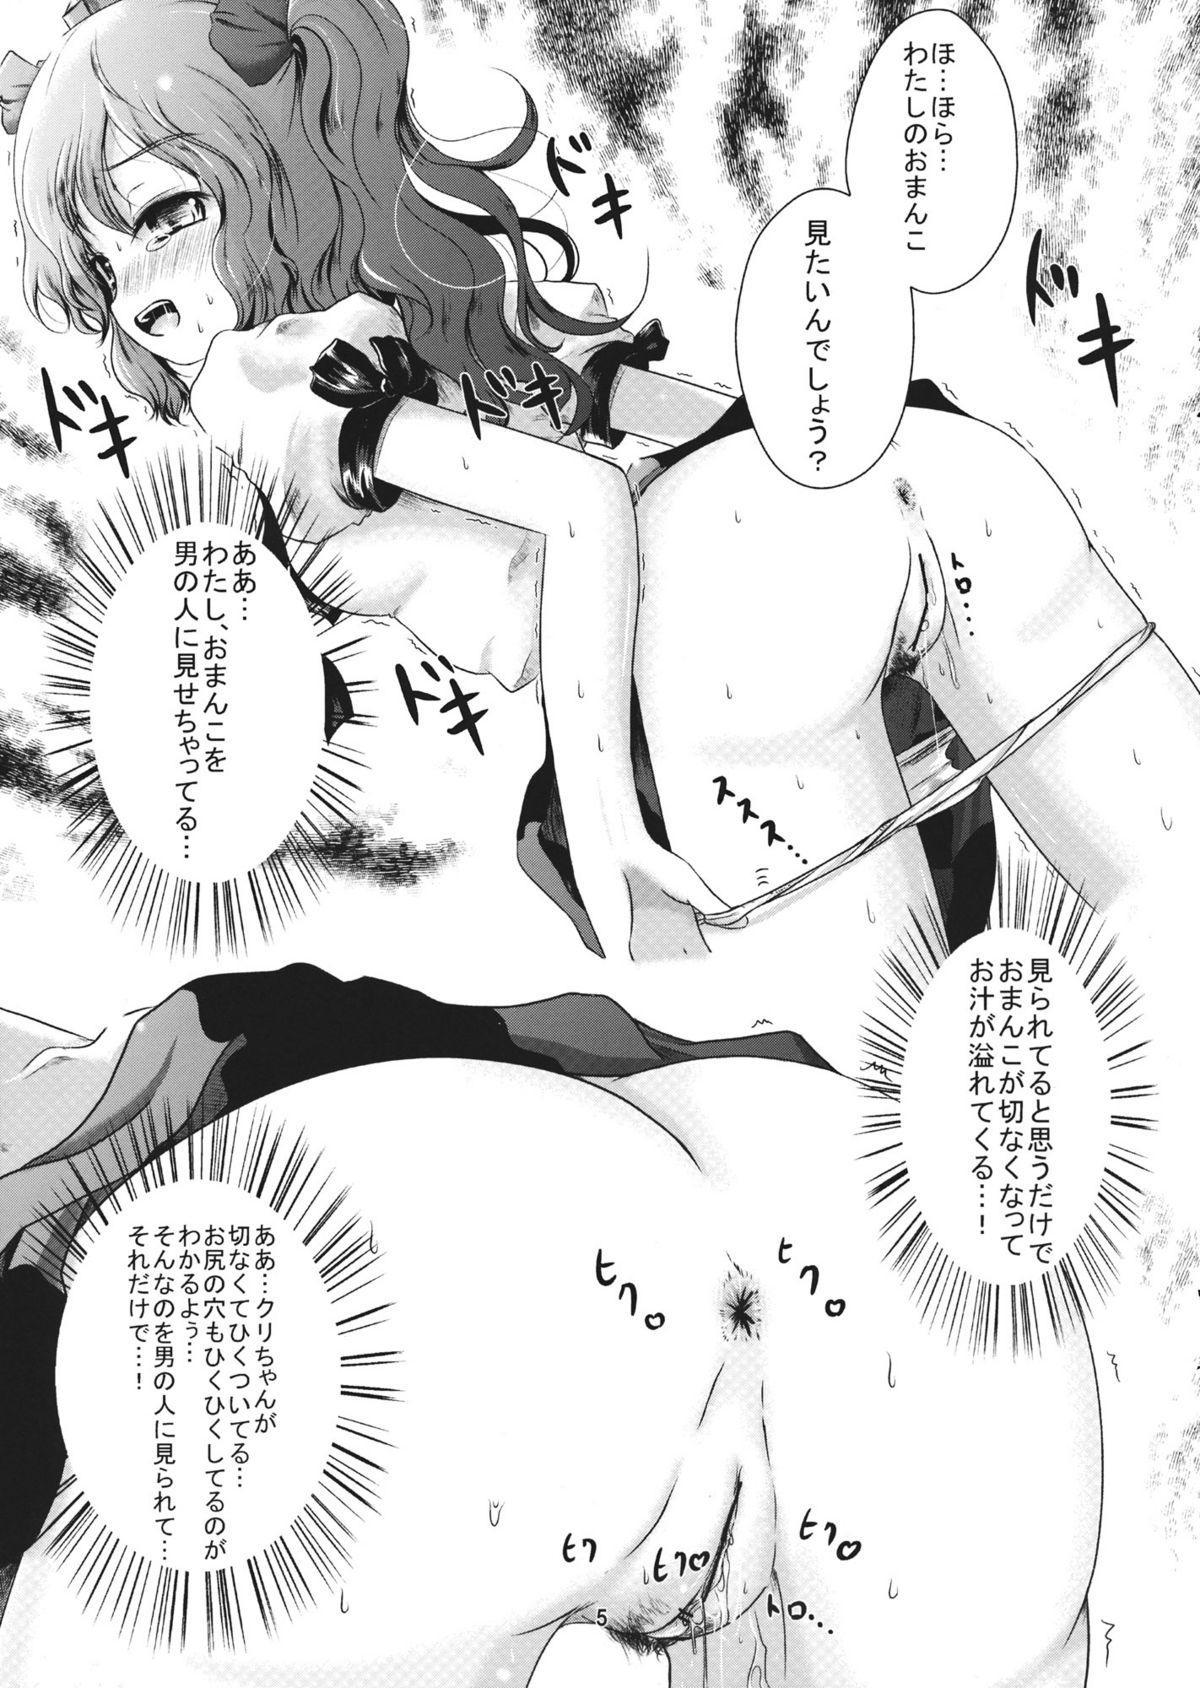 (Kouroumu 6) [Kitsune to Budou (Kurona)] Hatate-chan no Micchaku (Hatsu) Shuzai (Touhou Project) 3